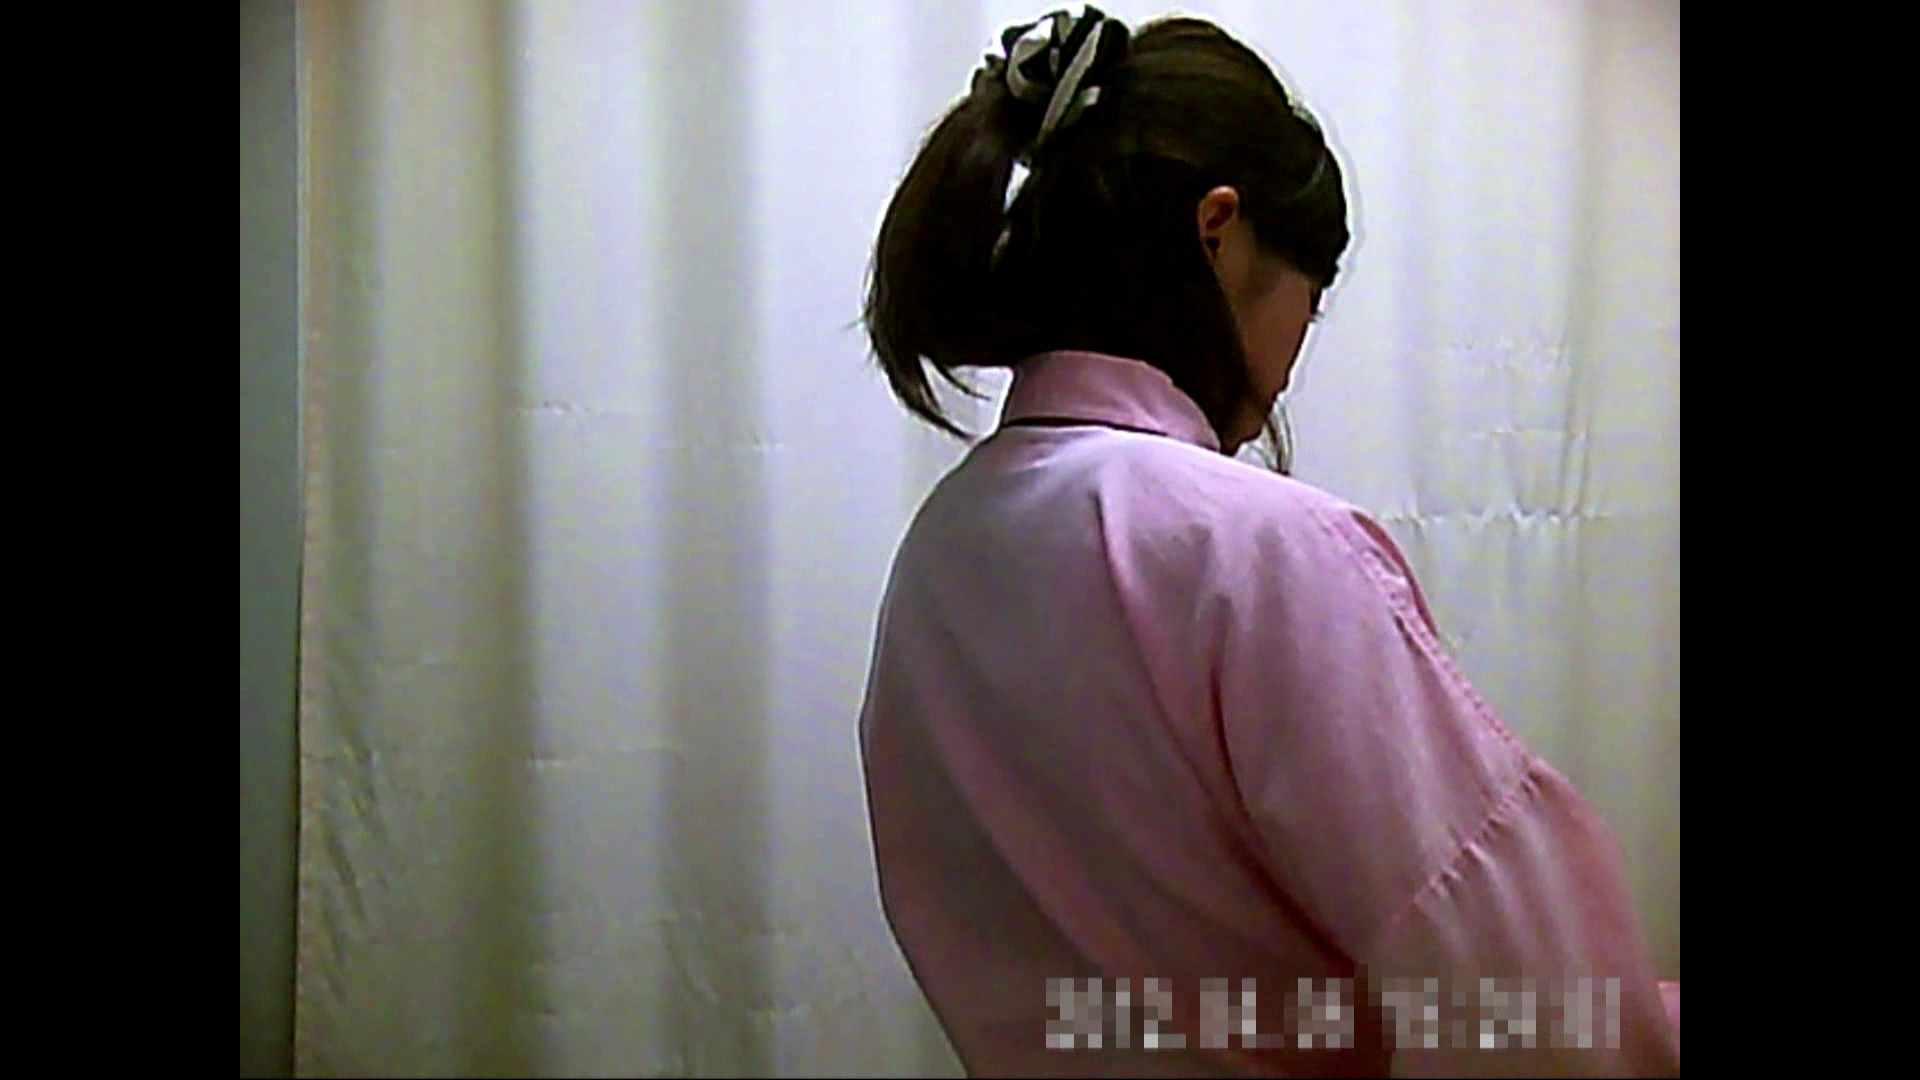 元医者による反抗 更衣室地獄絵巻 vol.020 OL  105pic 27